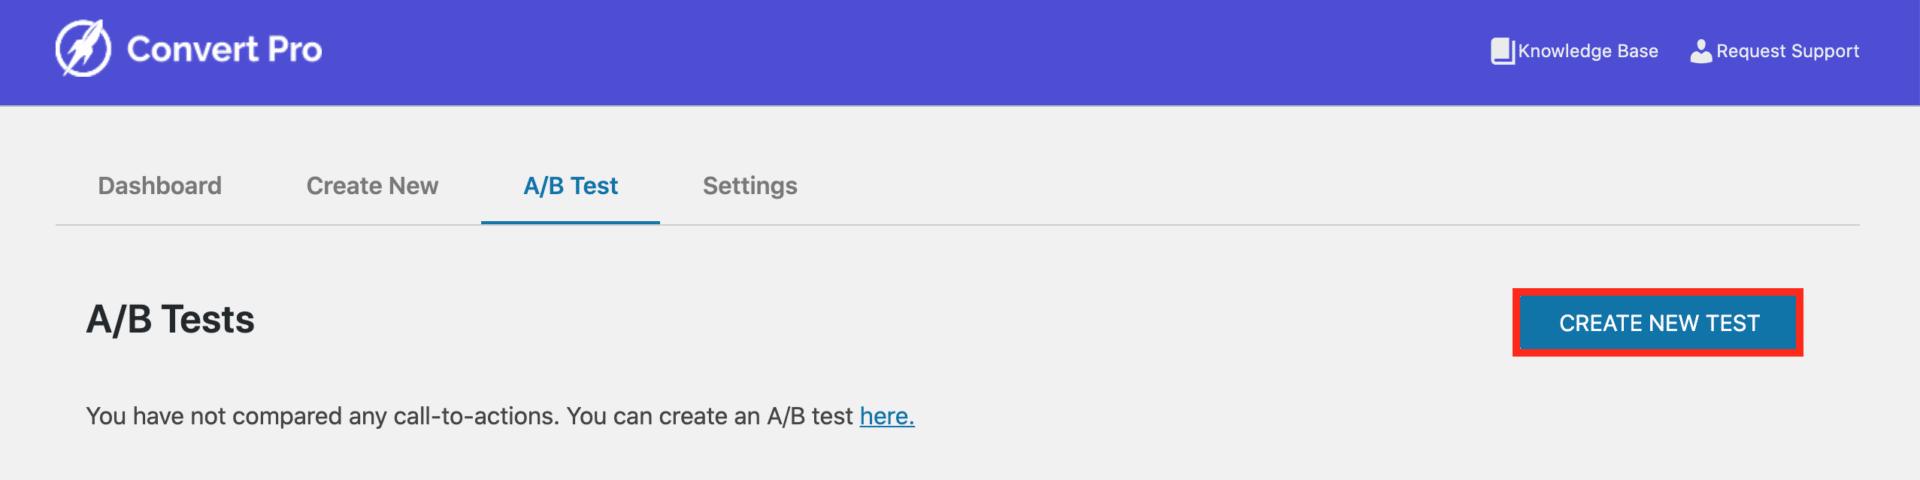 Convert ProでABテストを新規作成する e1598058256875